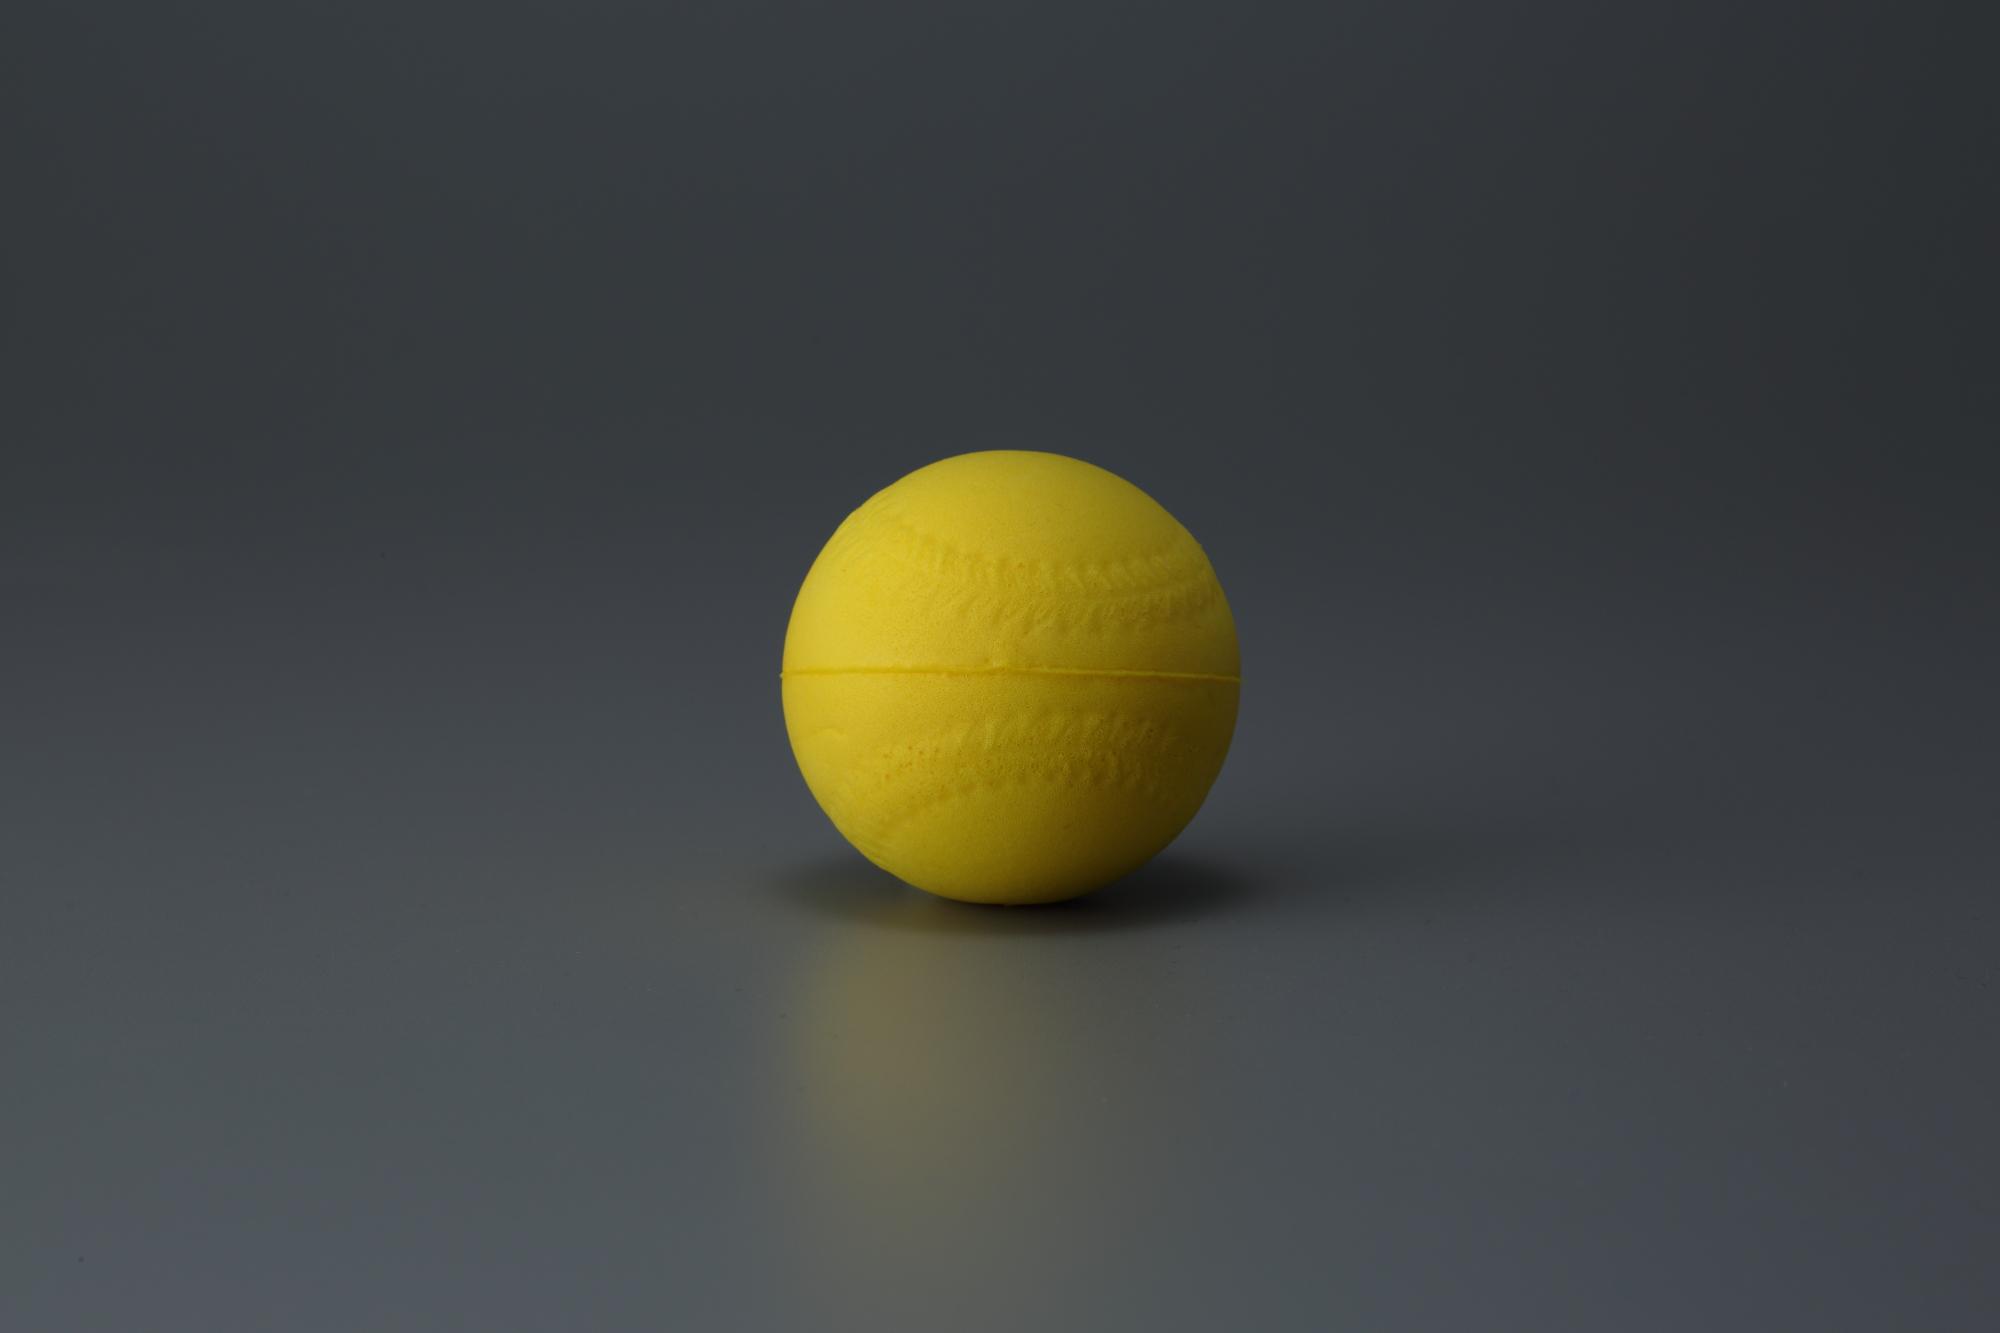 その他のボール